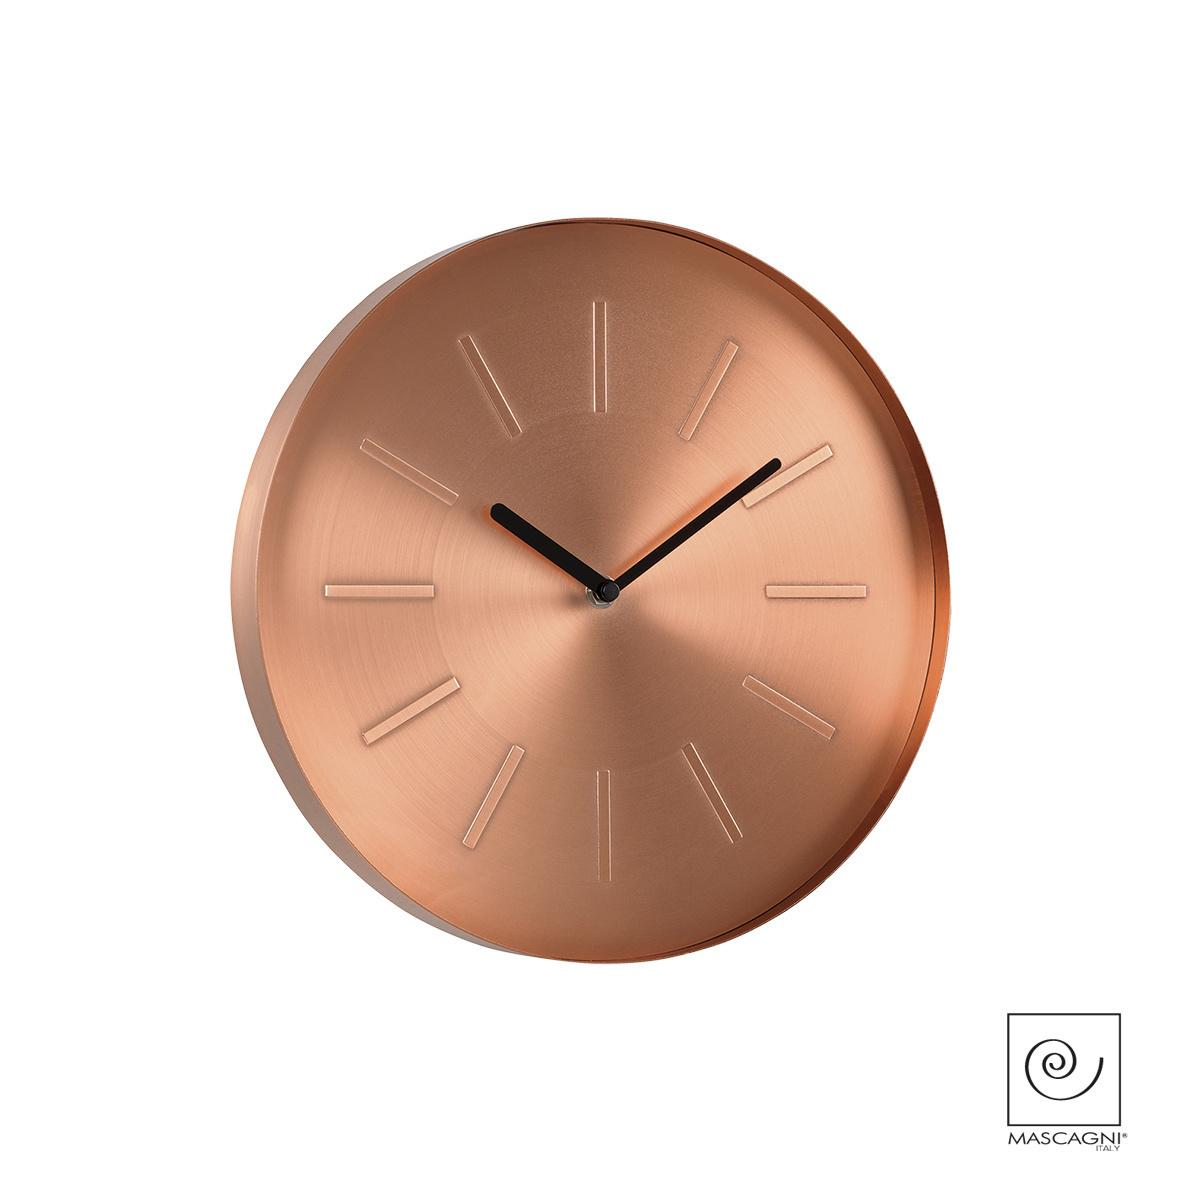 Art Mascagni M563 CLOCK DIAM.30